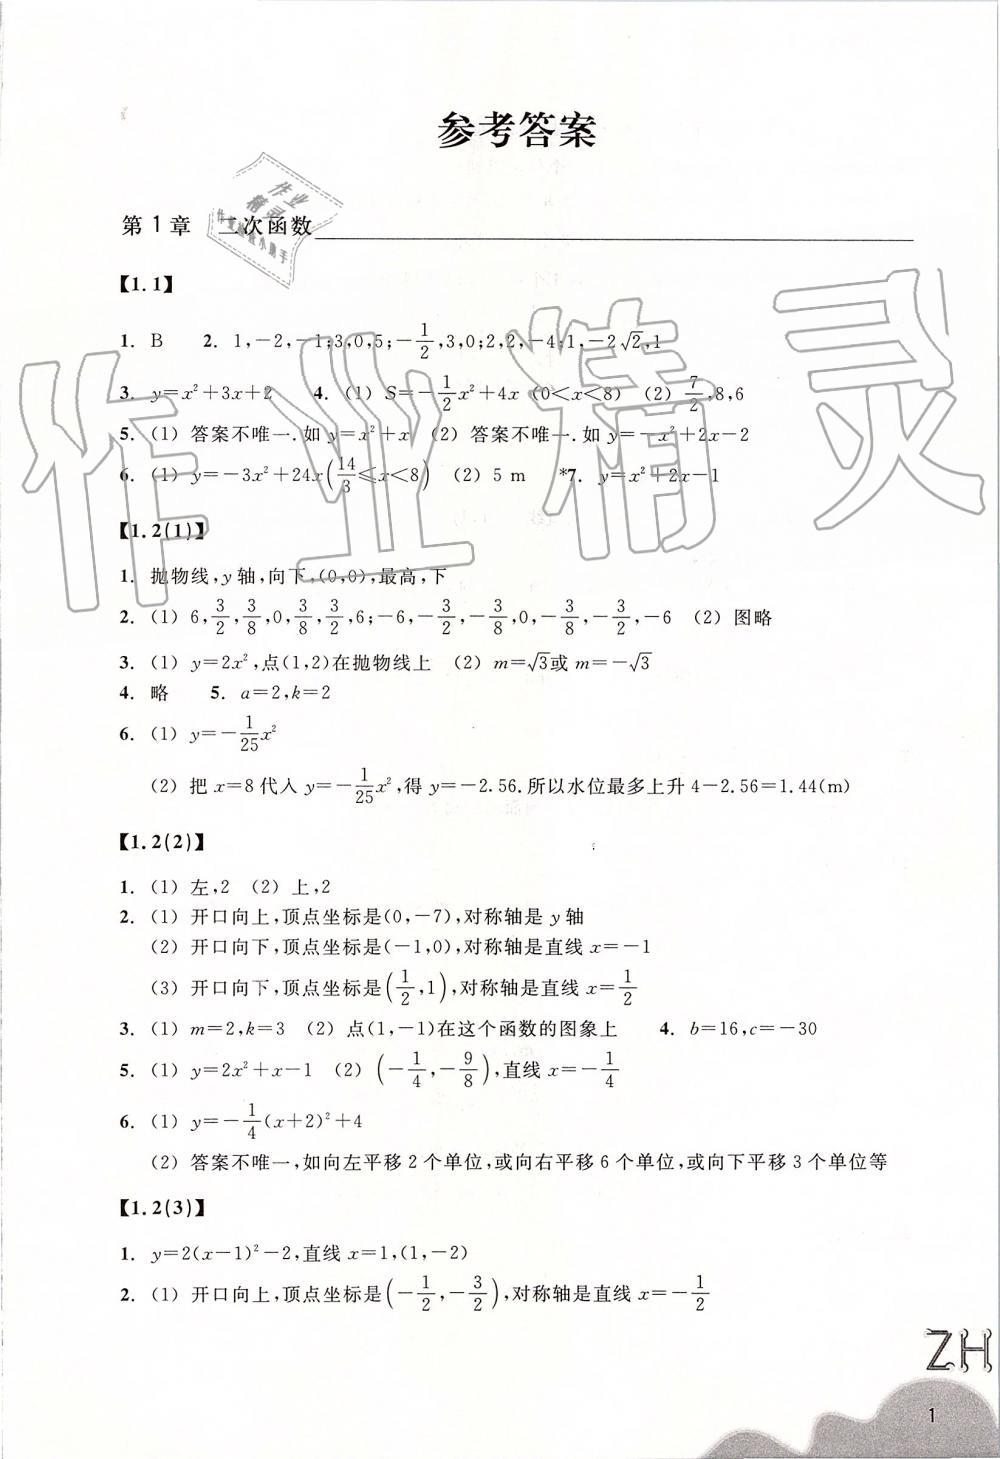 2019年作業本九年級數學上冊浙教版浙江教育出版社第1頁